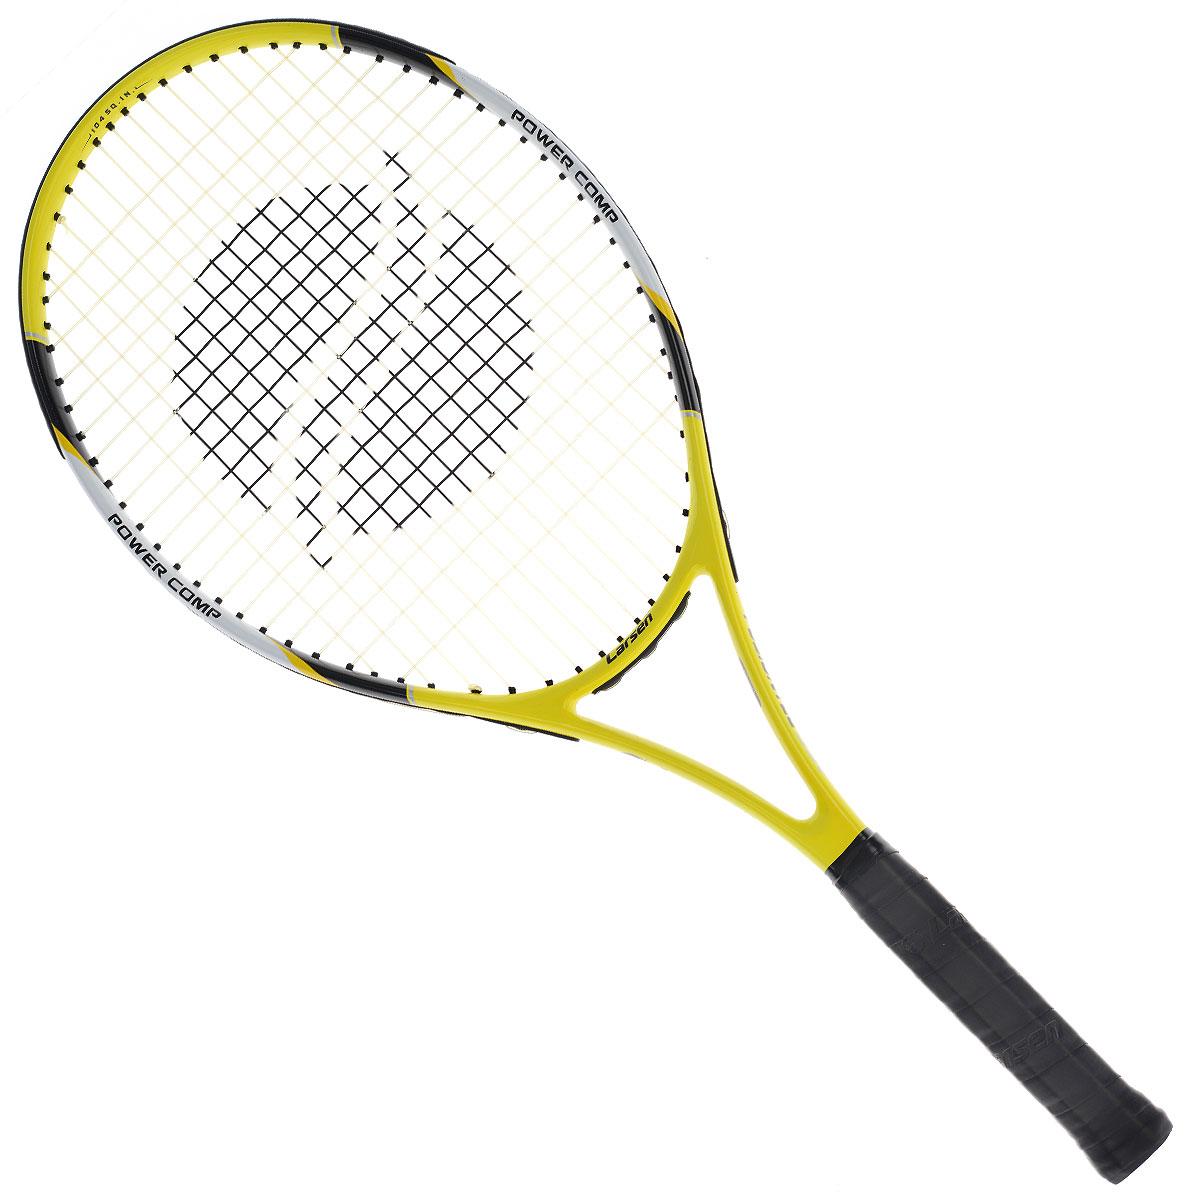 Ракетка для большого тенниса Larsen 530332515-2800Ракетка для большого тенниса Larsen 530 - отличный выбор для любителей большего тенниса. Основа этой ракетки изготовлена из алюминия и графита, тем самым, делая эту ракетку легкой и очень удобной. Уверенная и надежная игра на теннисном корте с этой ракеткой вам обеспечена. Характеристики: Материал: алюминий, графит. Вес: 300 г +/-5 г. Длина: 25. Баланс: 315 мм +/-7,5 мм. Рекомендуемое натяжение: 47-52 lbs/21-24 кг. Размер упаковки: 73 см х 32 см х 3 см.